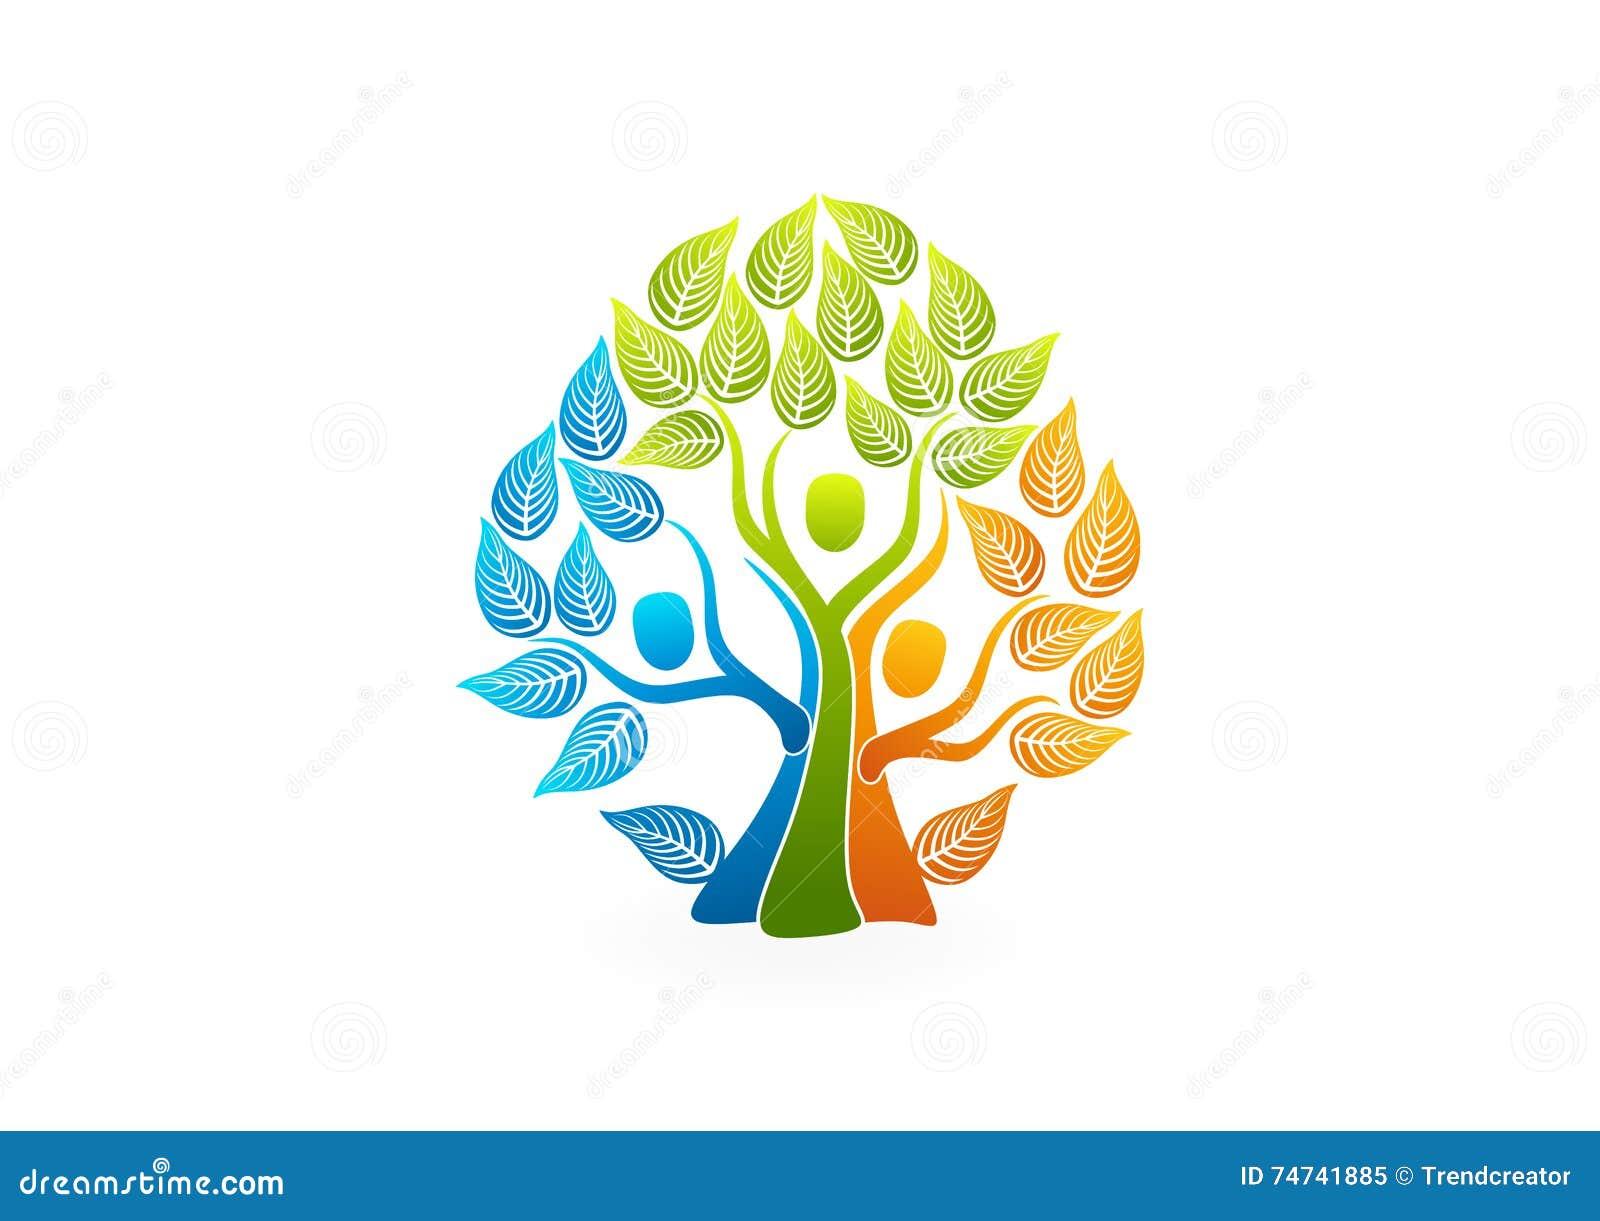 Logotipo del árbol de familia, diseño de concepto sano de la gente